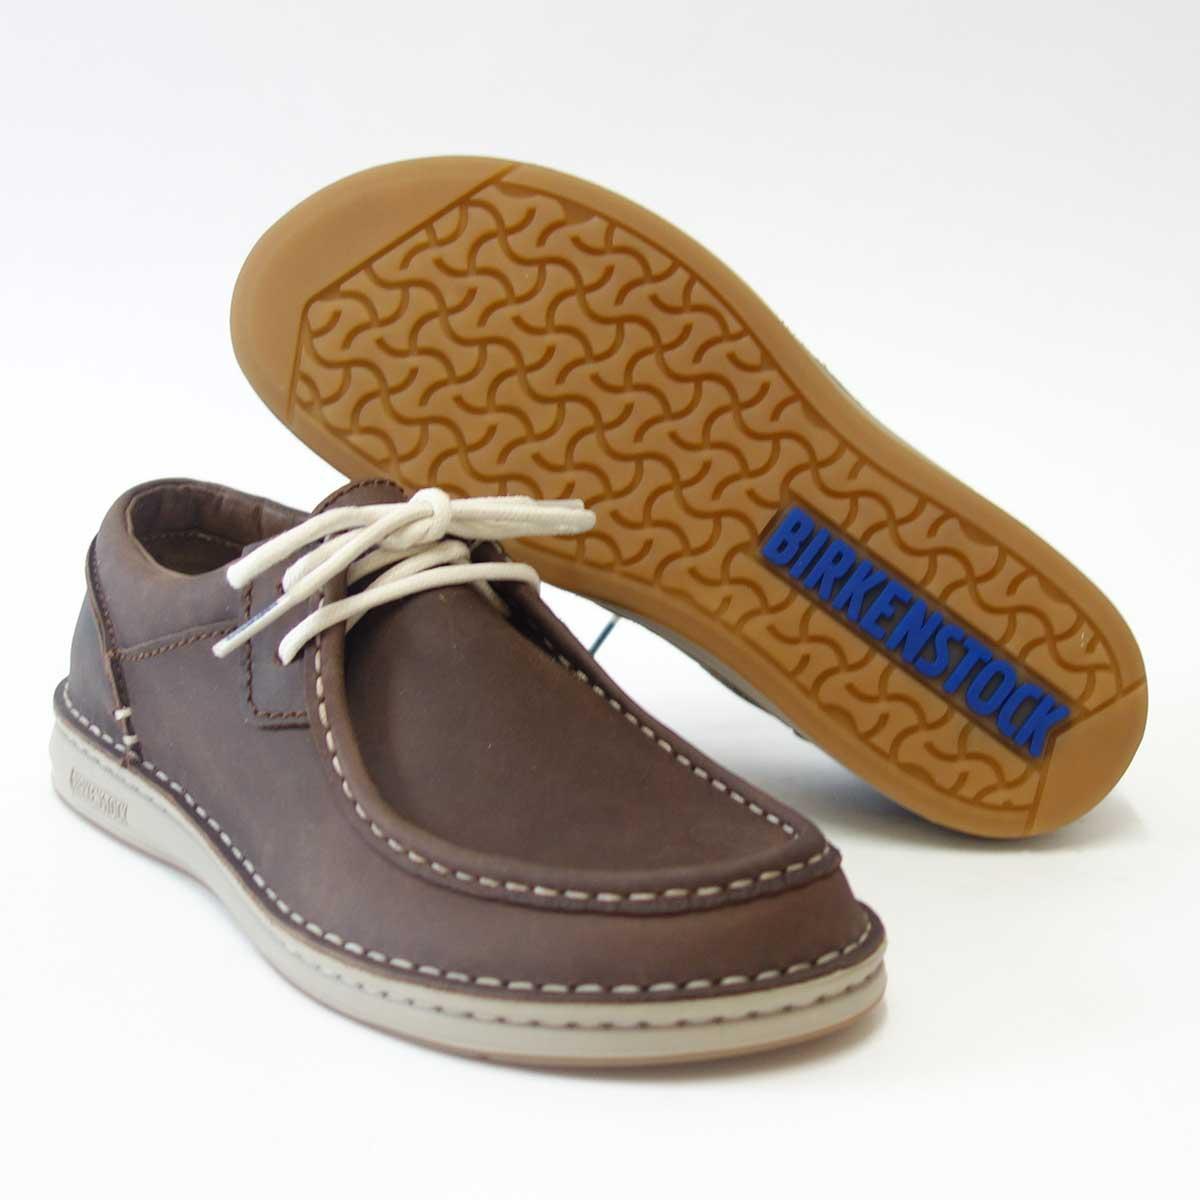 BIRKENSTOCK(ビルケンシュトック) PASADENA(パサデナ)レディース 495643(天然皮革/ブラウン)ヨーロッパ生まれの快適シューズ「靴」